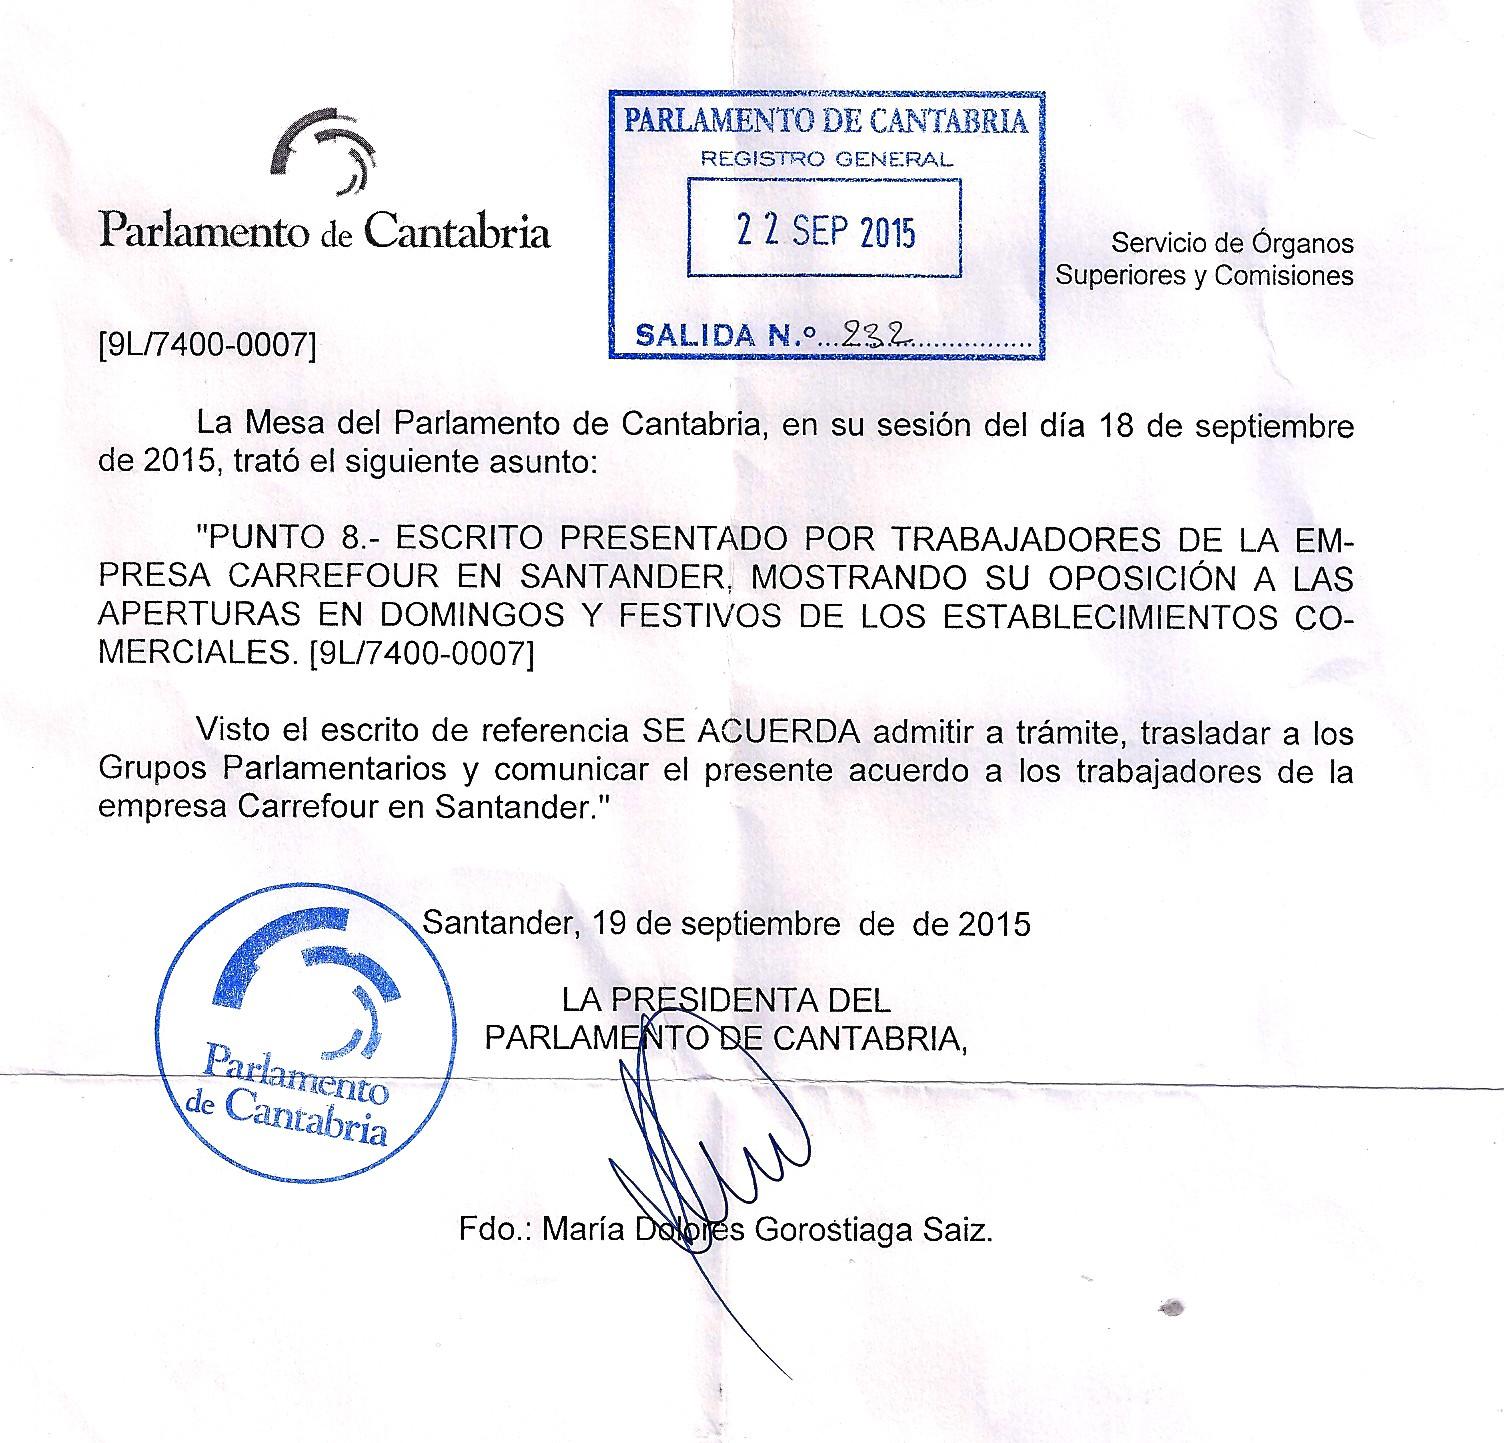 Calendario 2019 Feriados Santos Más Populares Secci³n Sindical Ugt Carrefour Pe±acastillo 2015 Of Calendario 2019 Feriados Santos Recientes C 22 – Publifinisterra Articulos Promocionales